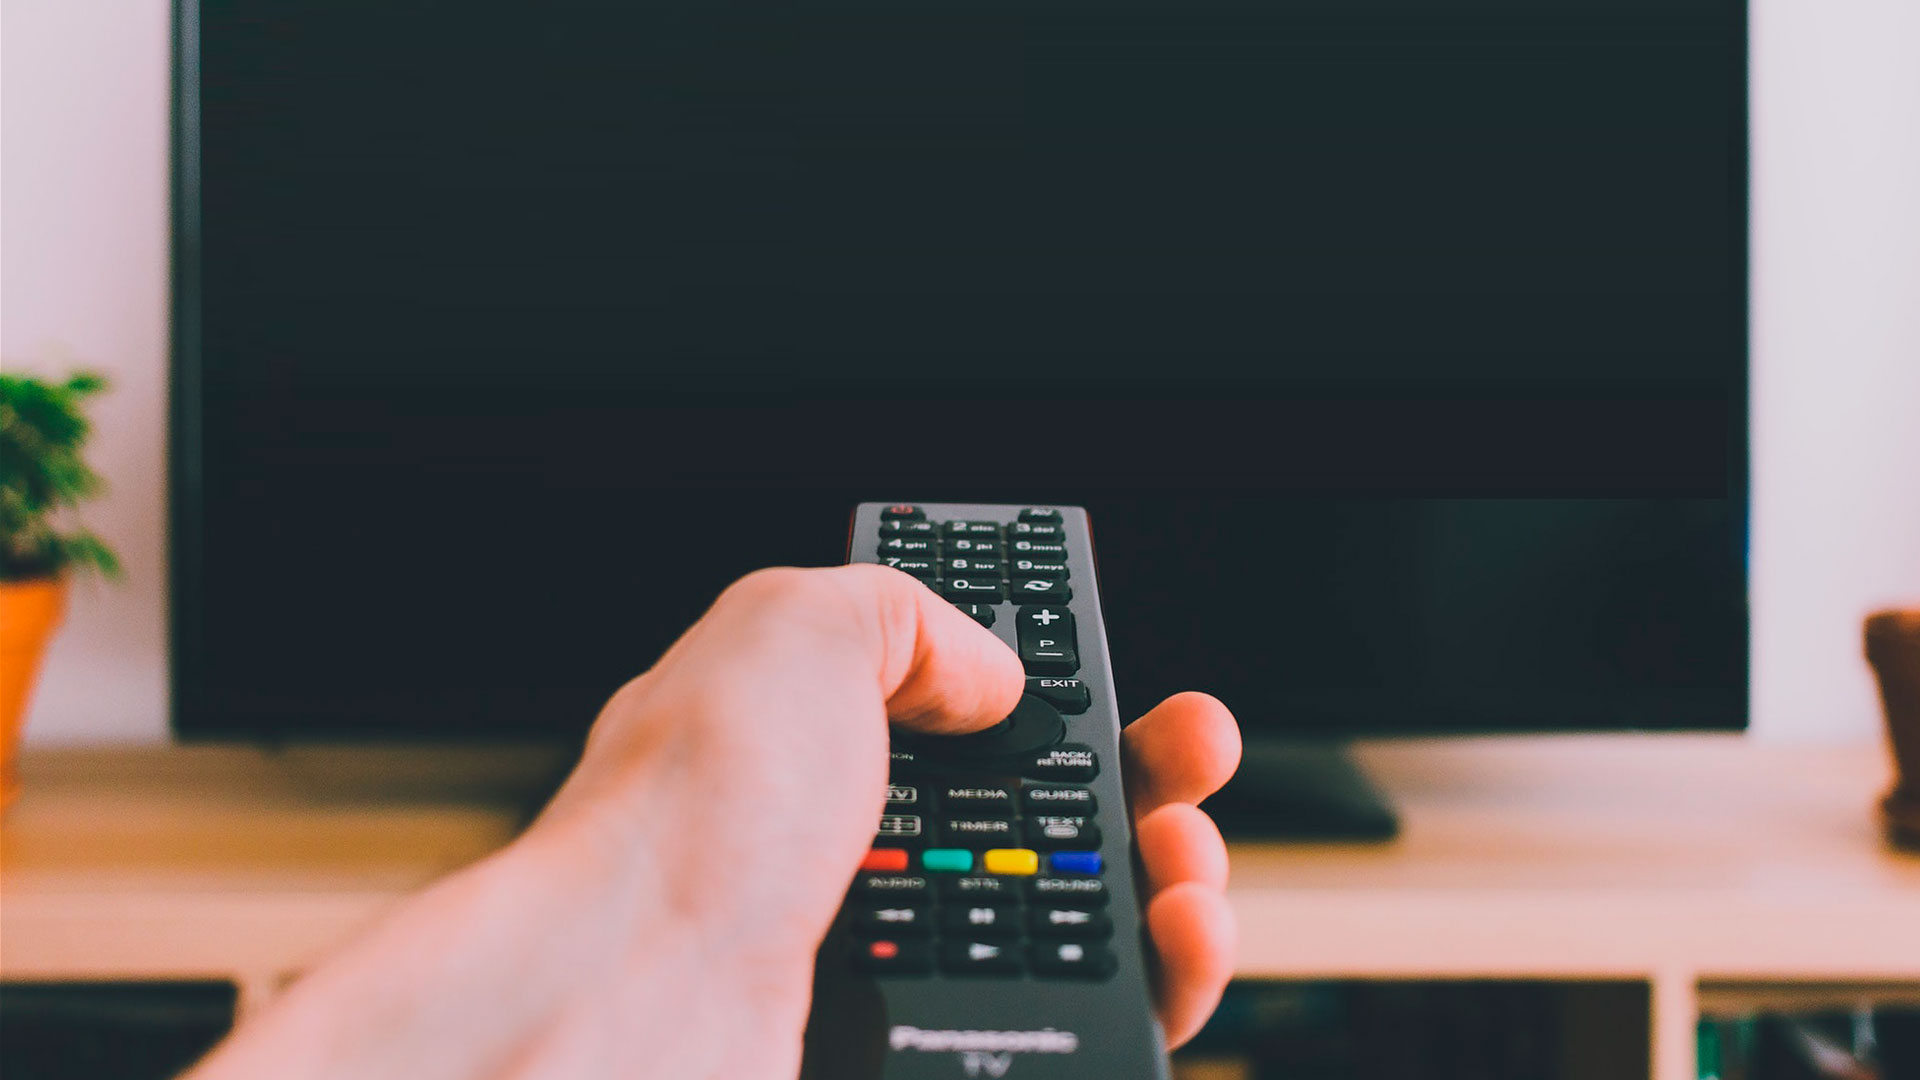 televisio series comandament a distancia